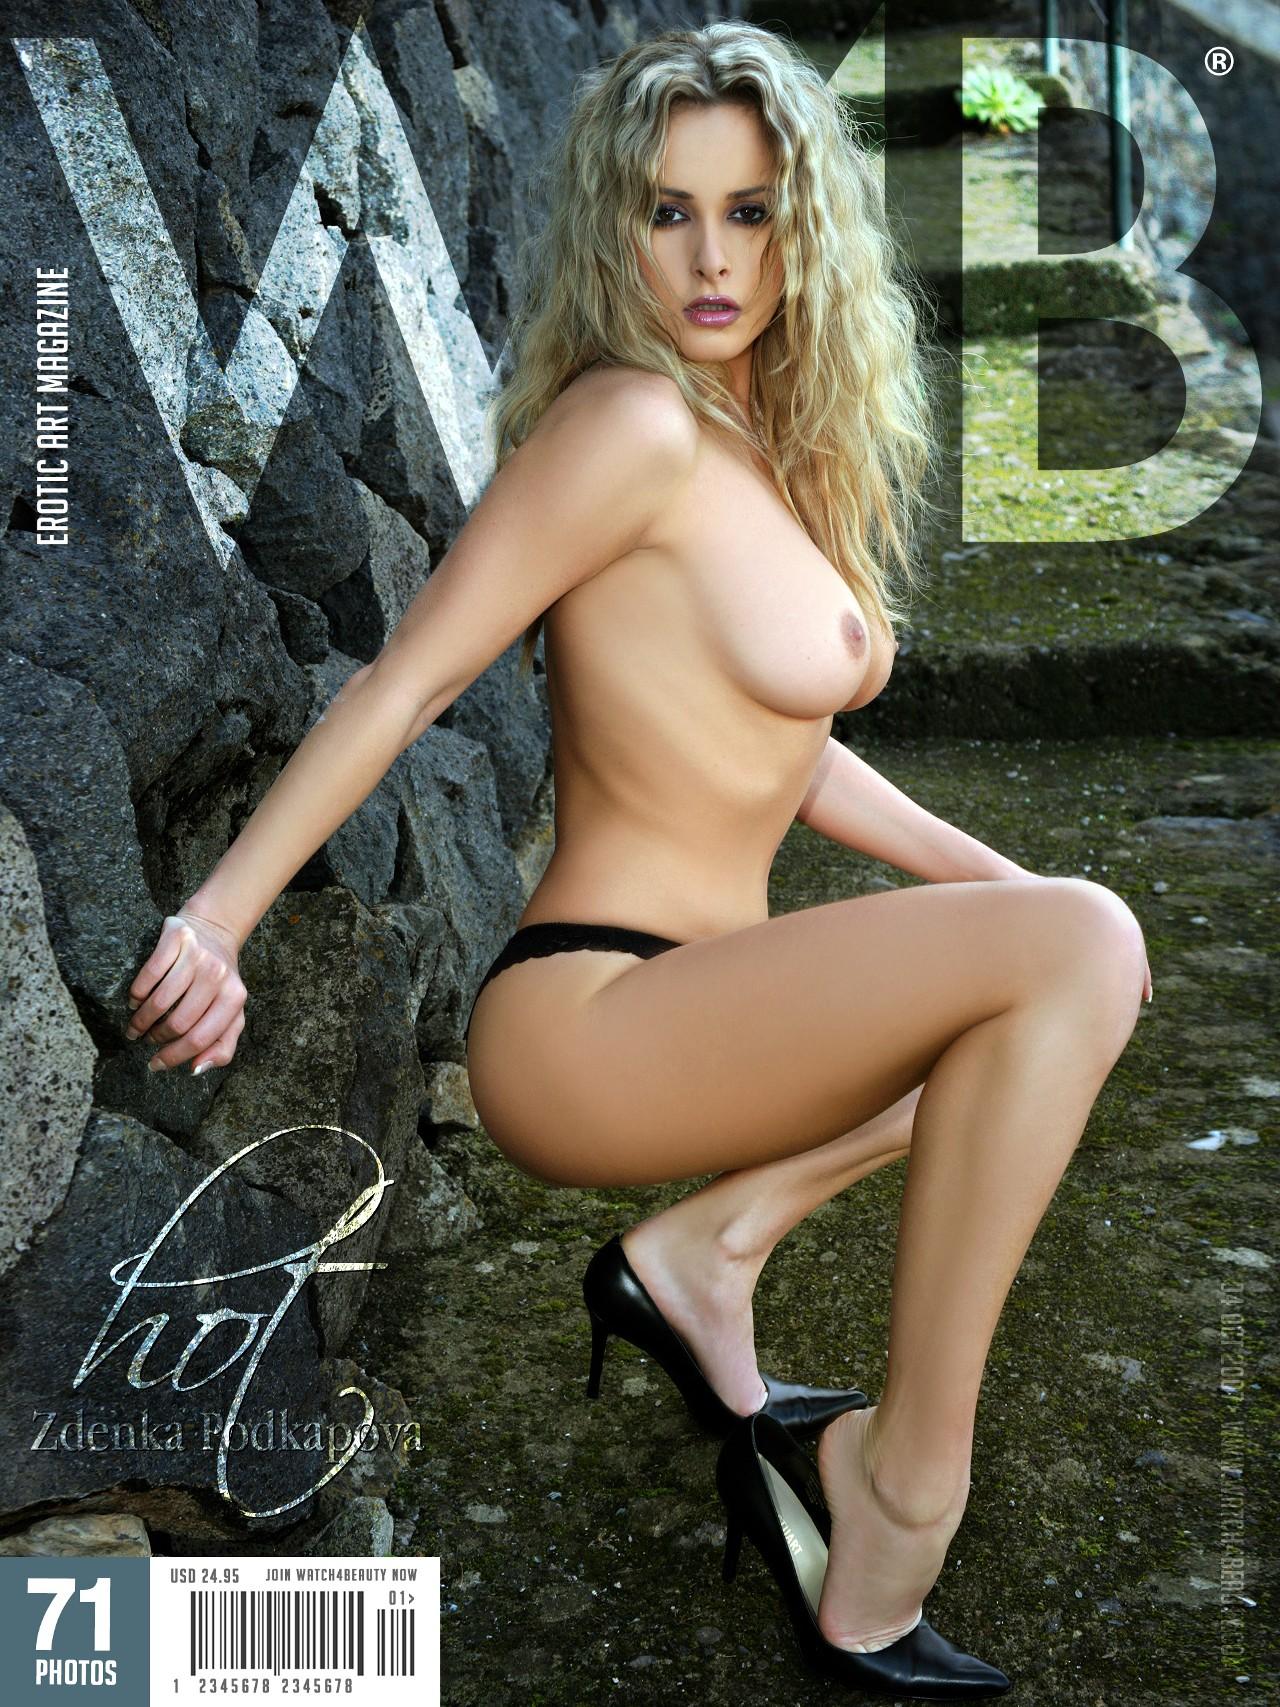 Zdenka Podkapova: Hot